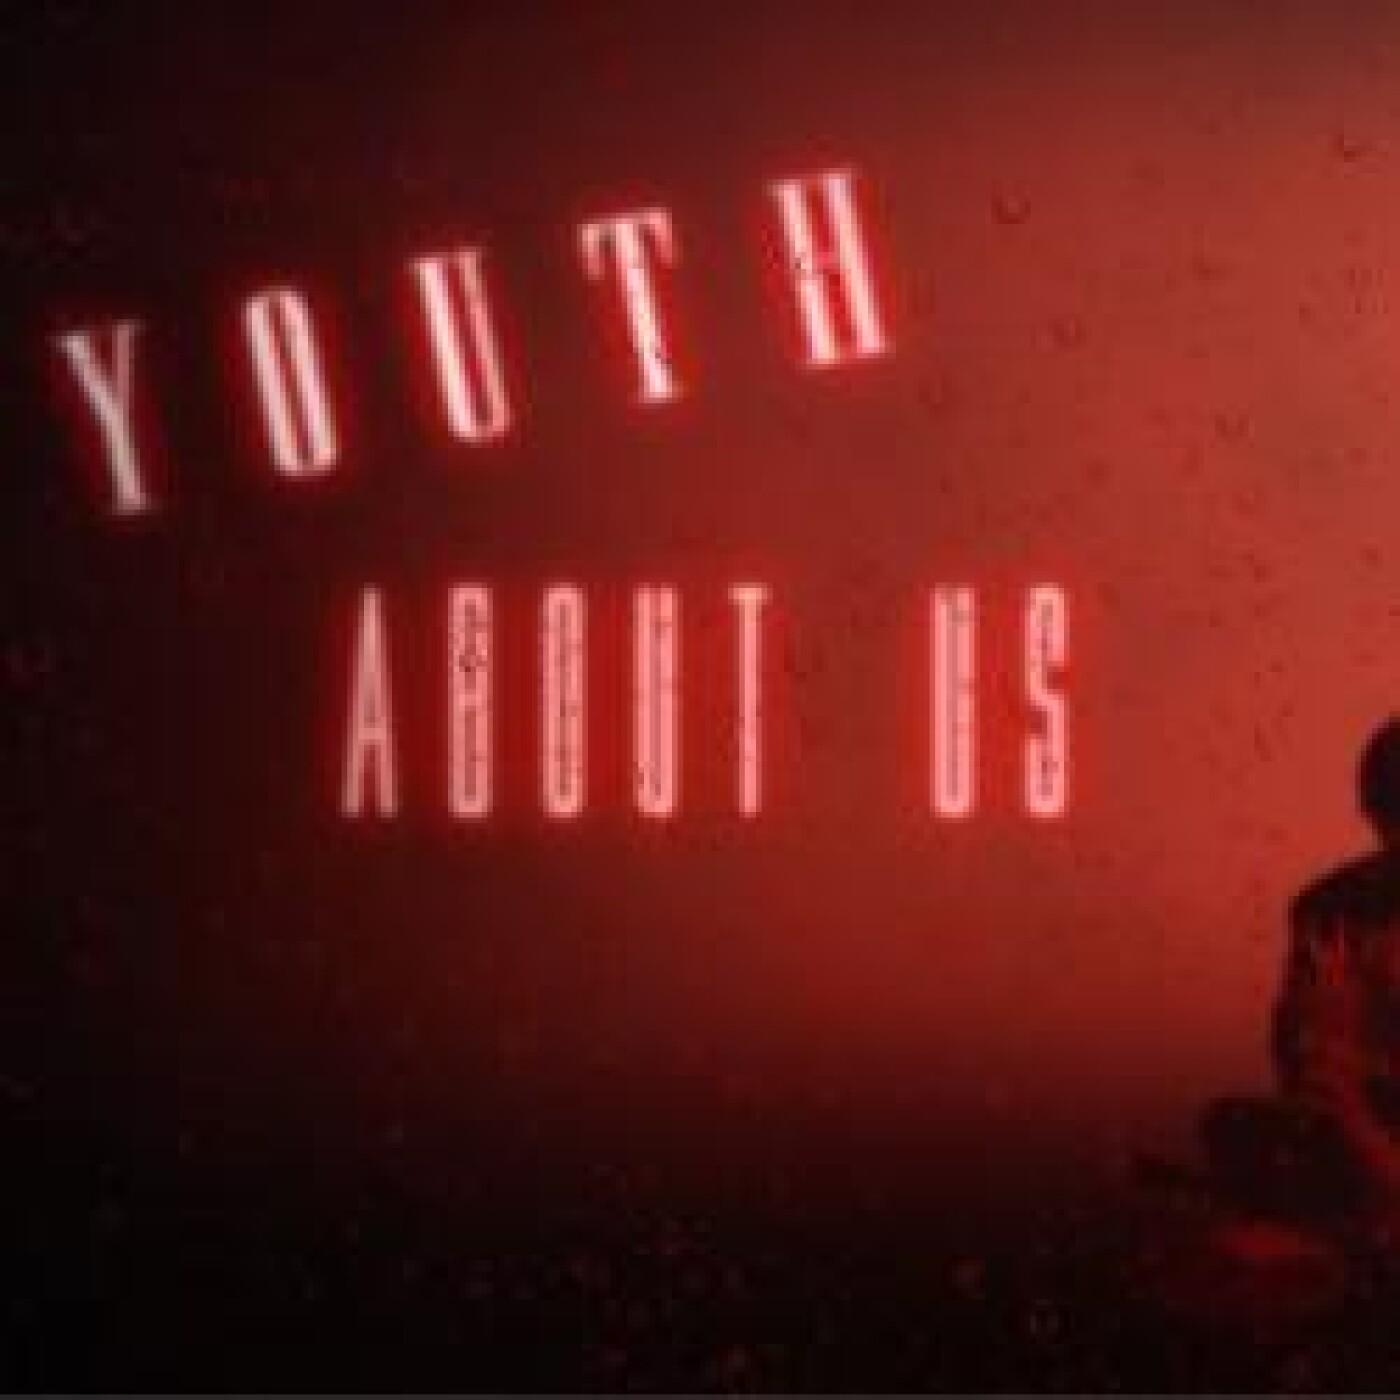 Music News de La Matinale FG : 'About us' de Le Youth